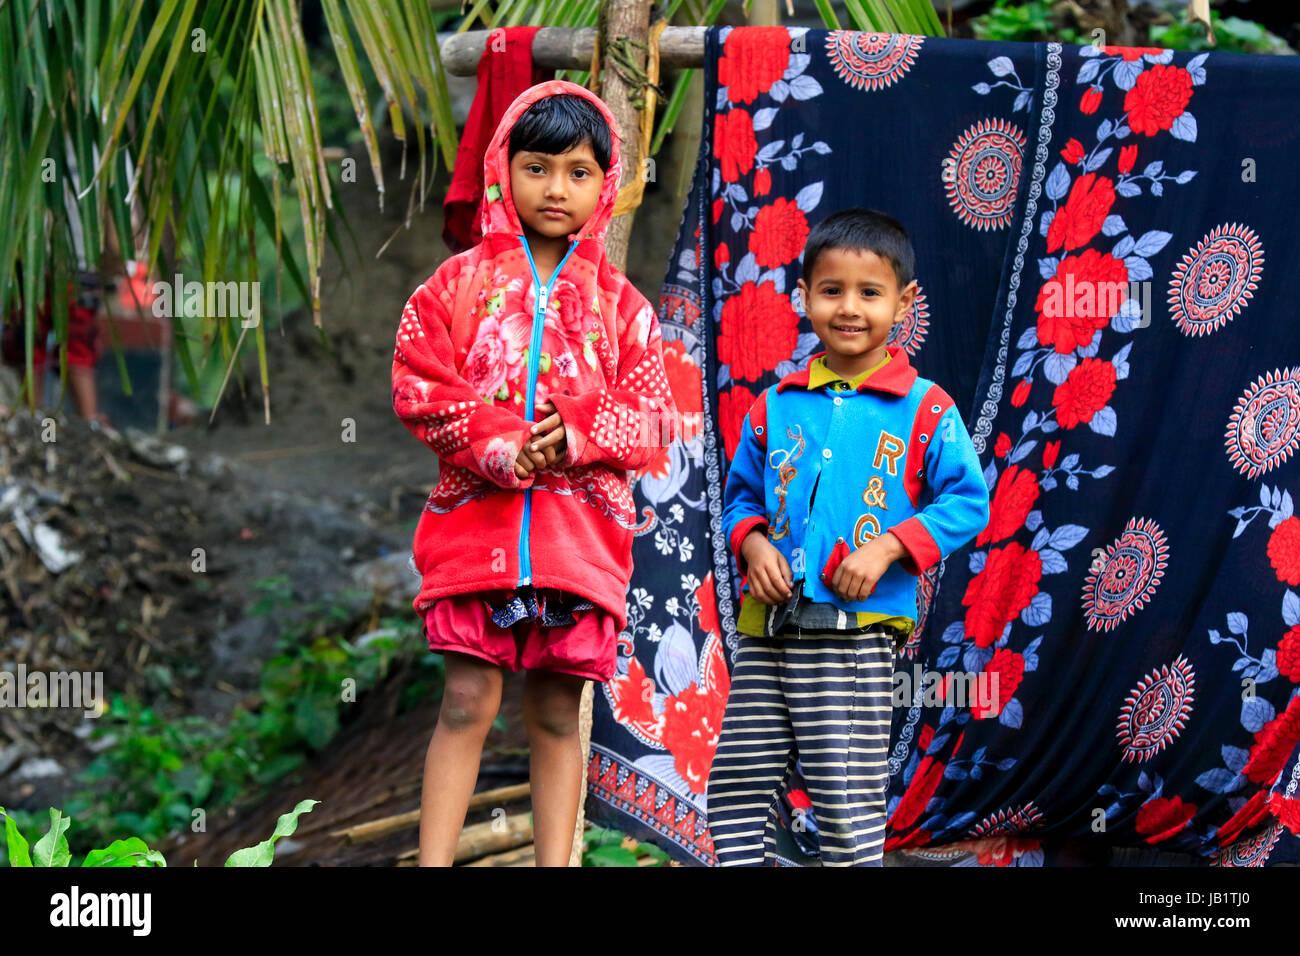 Bangladeshi rural boy and girl. Narail, Bangladesh. - Stock Image